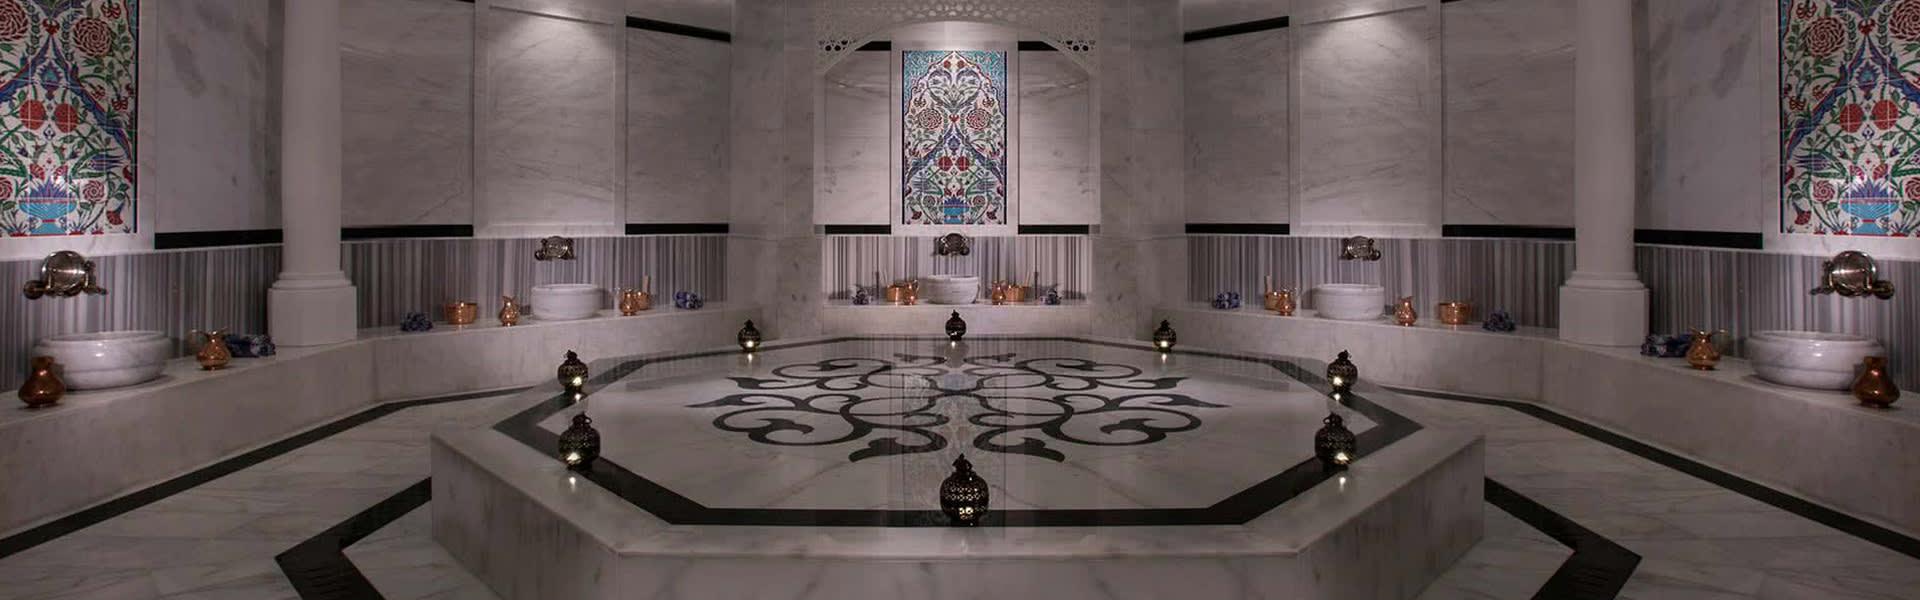 Turkish Hammam Dubai | Anantara The Palm Dubai | Spa Hotels Dubai